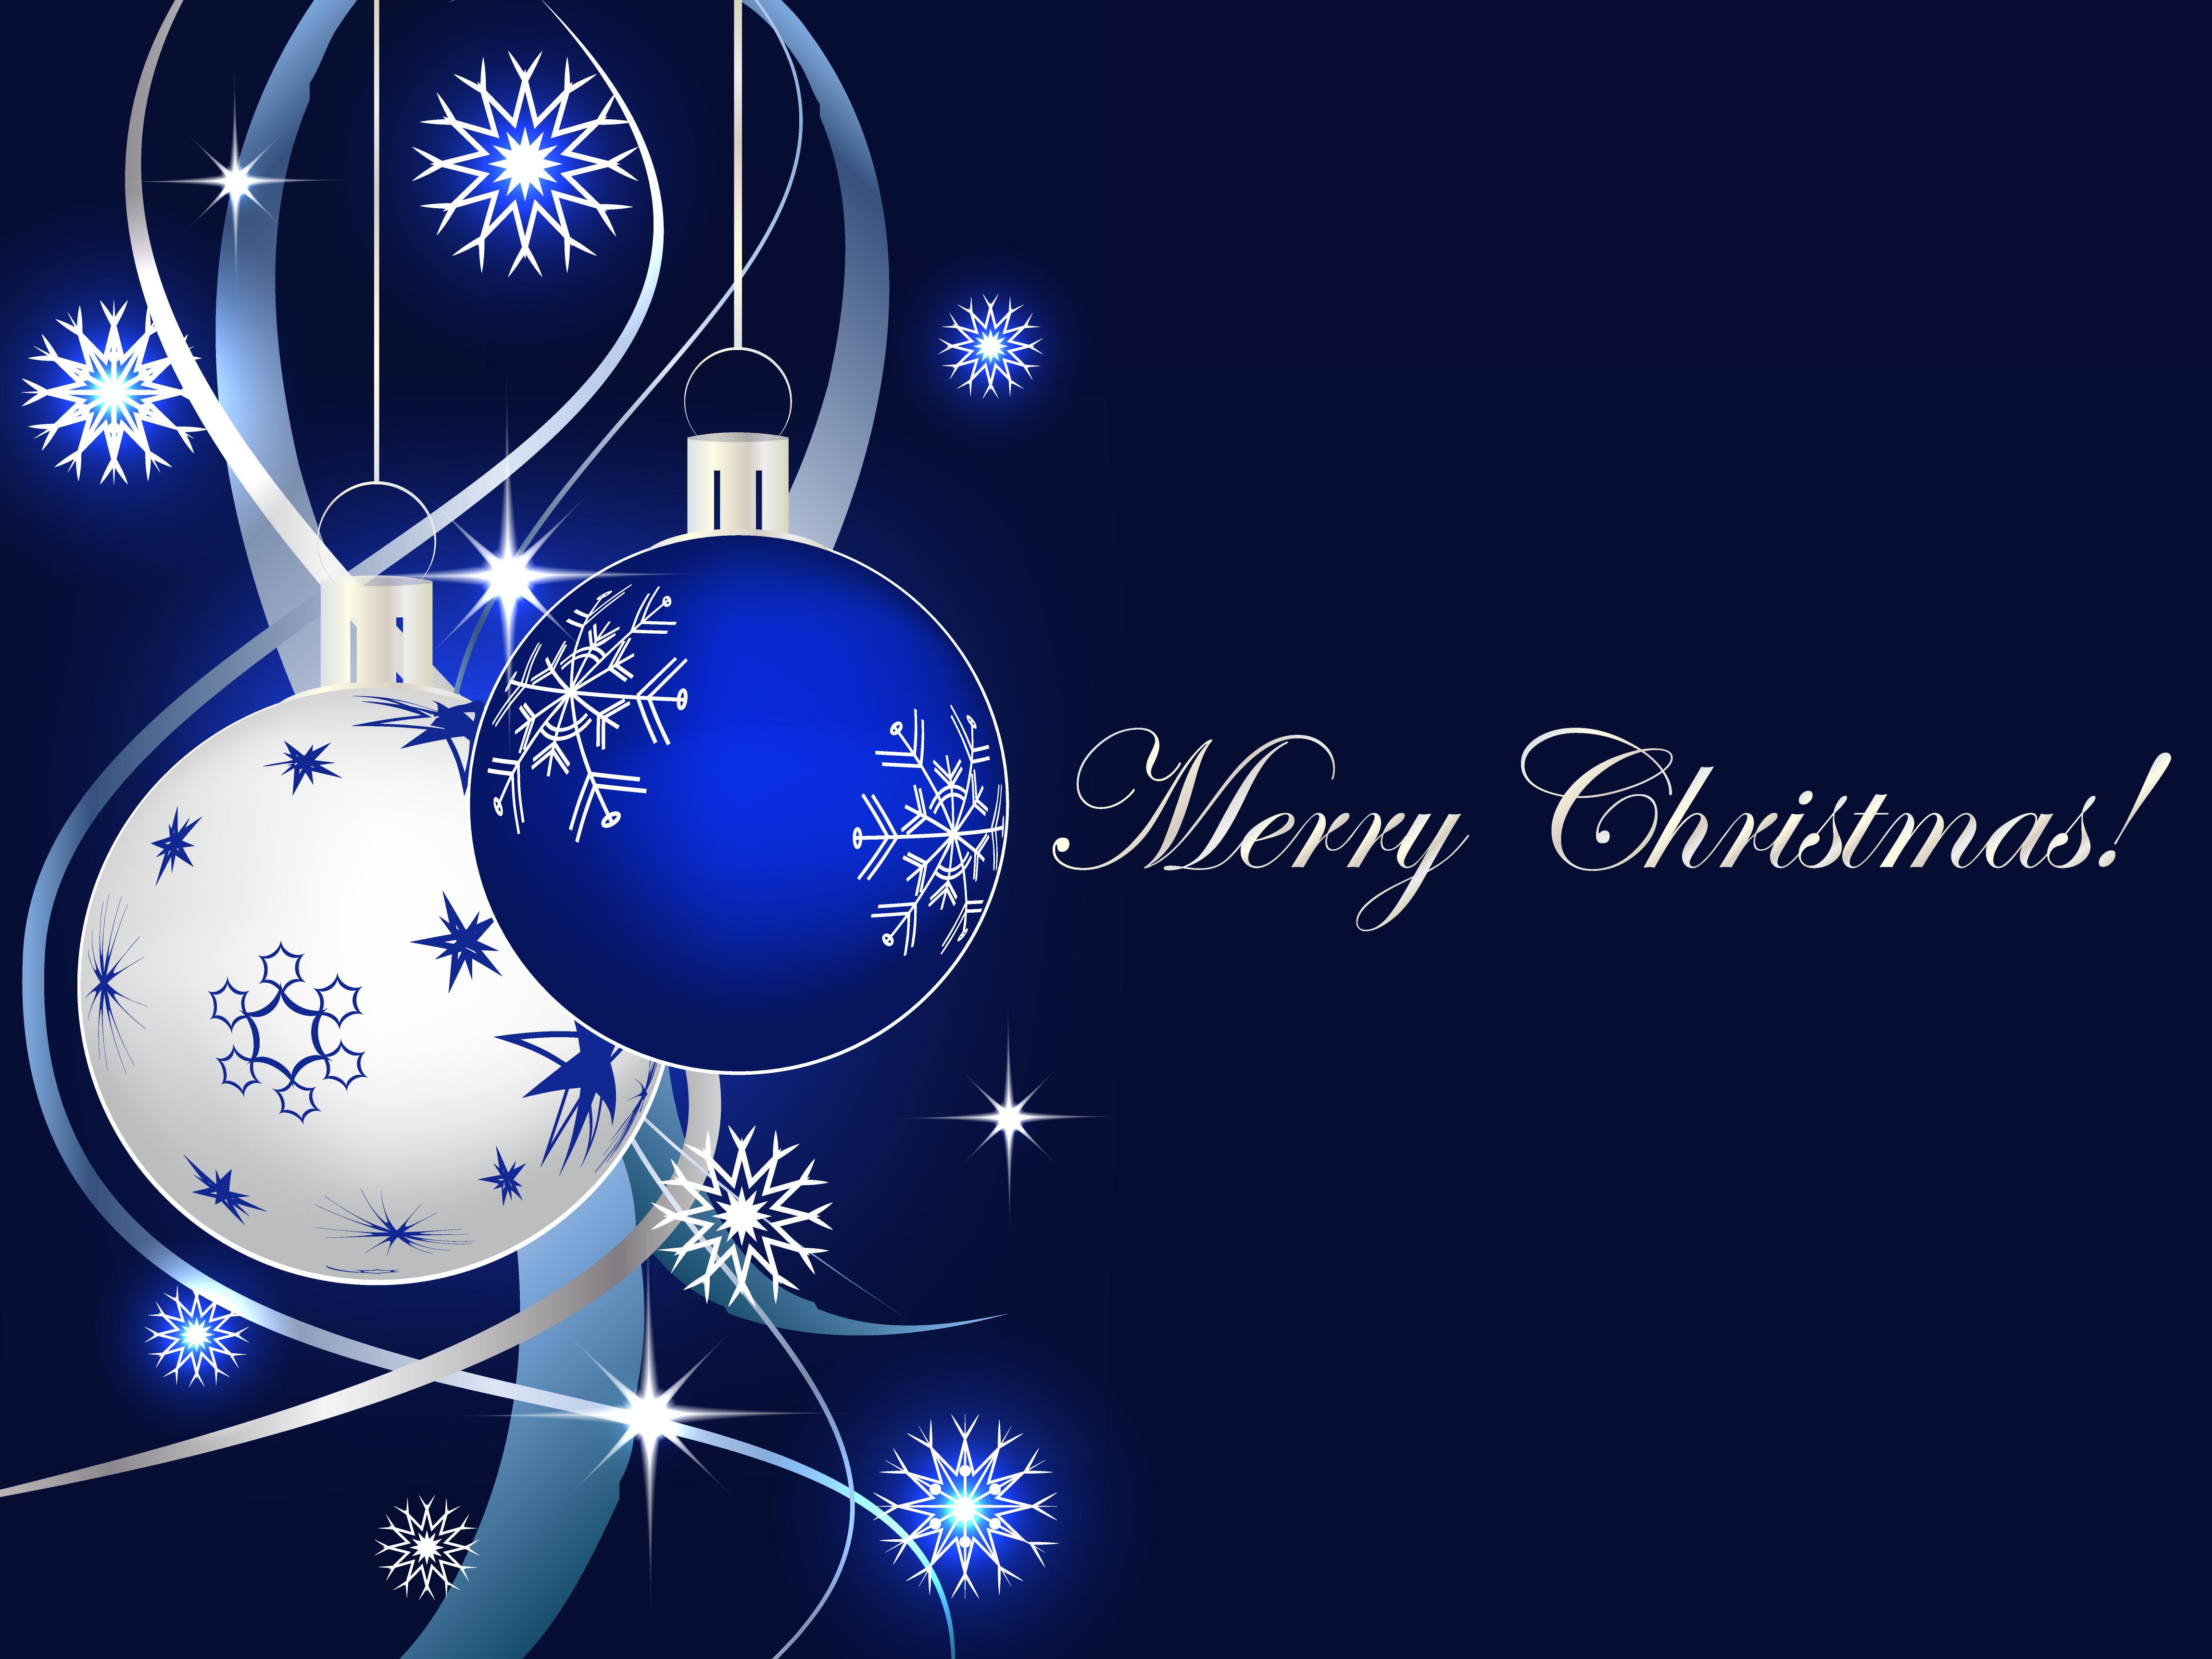 Arreglos De La Navidad Ultra Hd Wallpapers Fondos De: Natale 4k Ultra HD Wallpaper